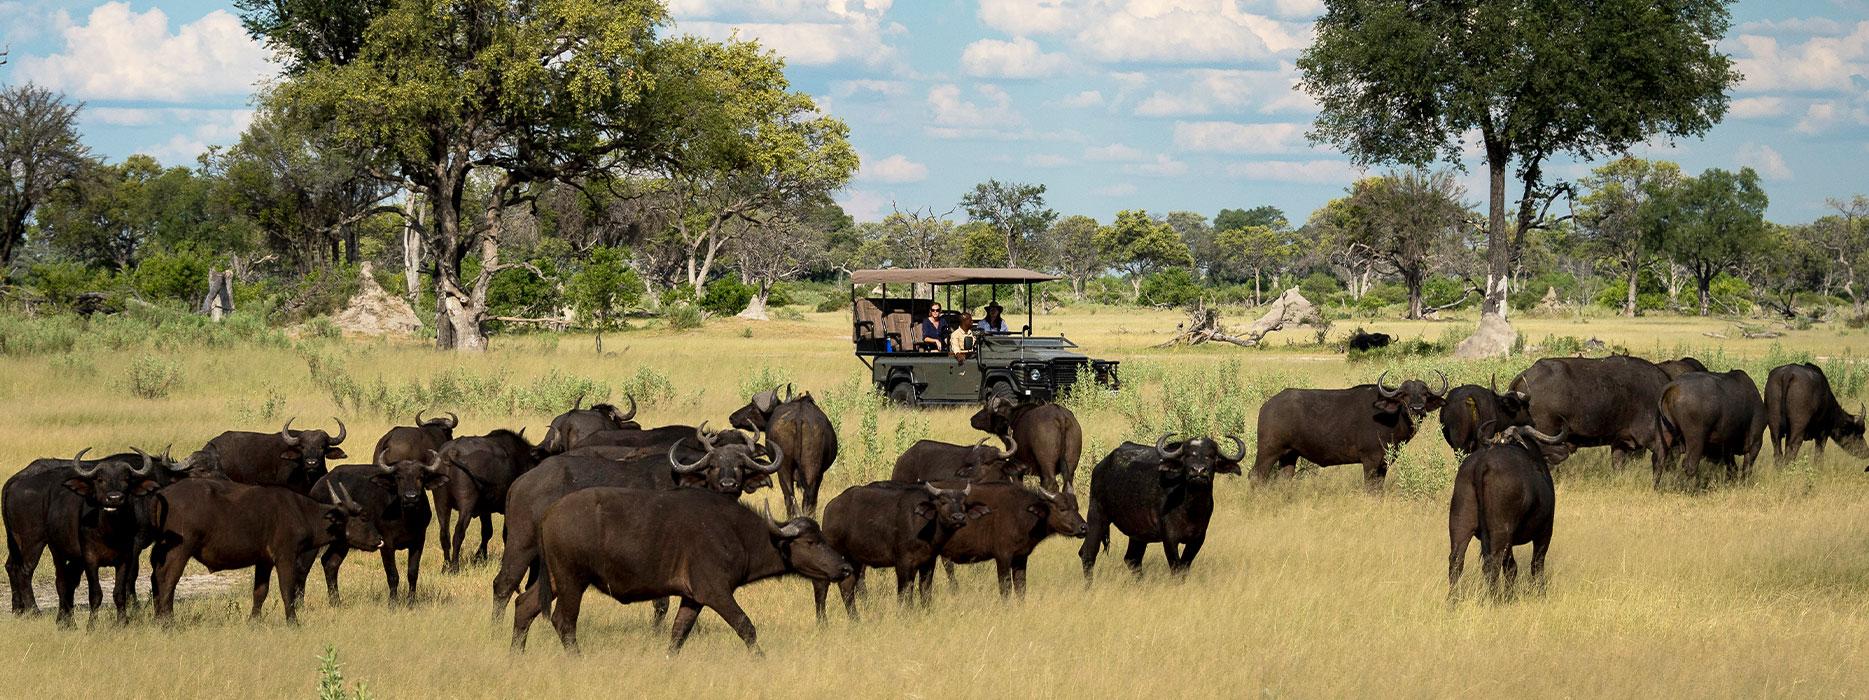 Buffalo encounter during safari